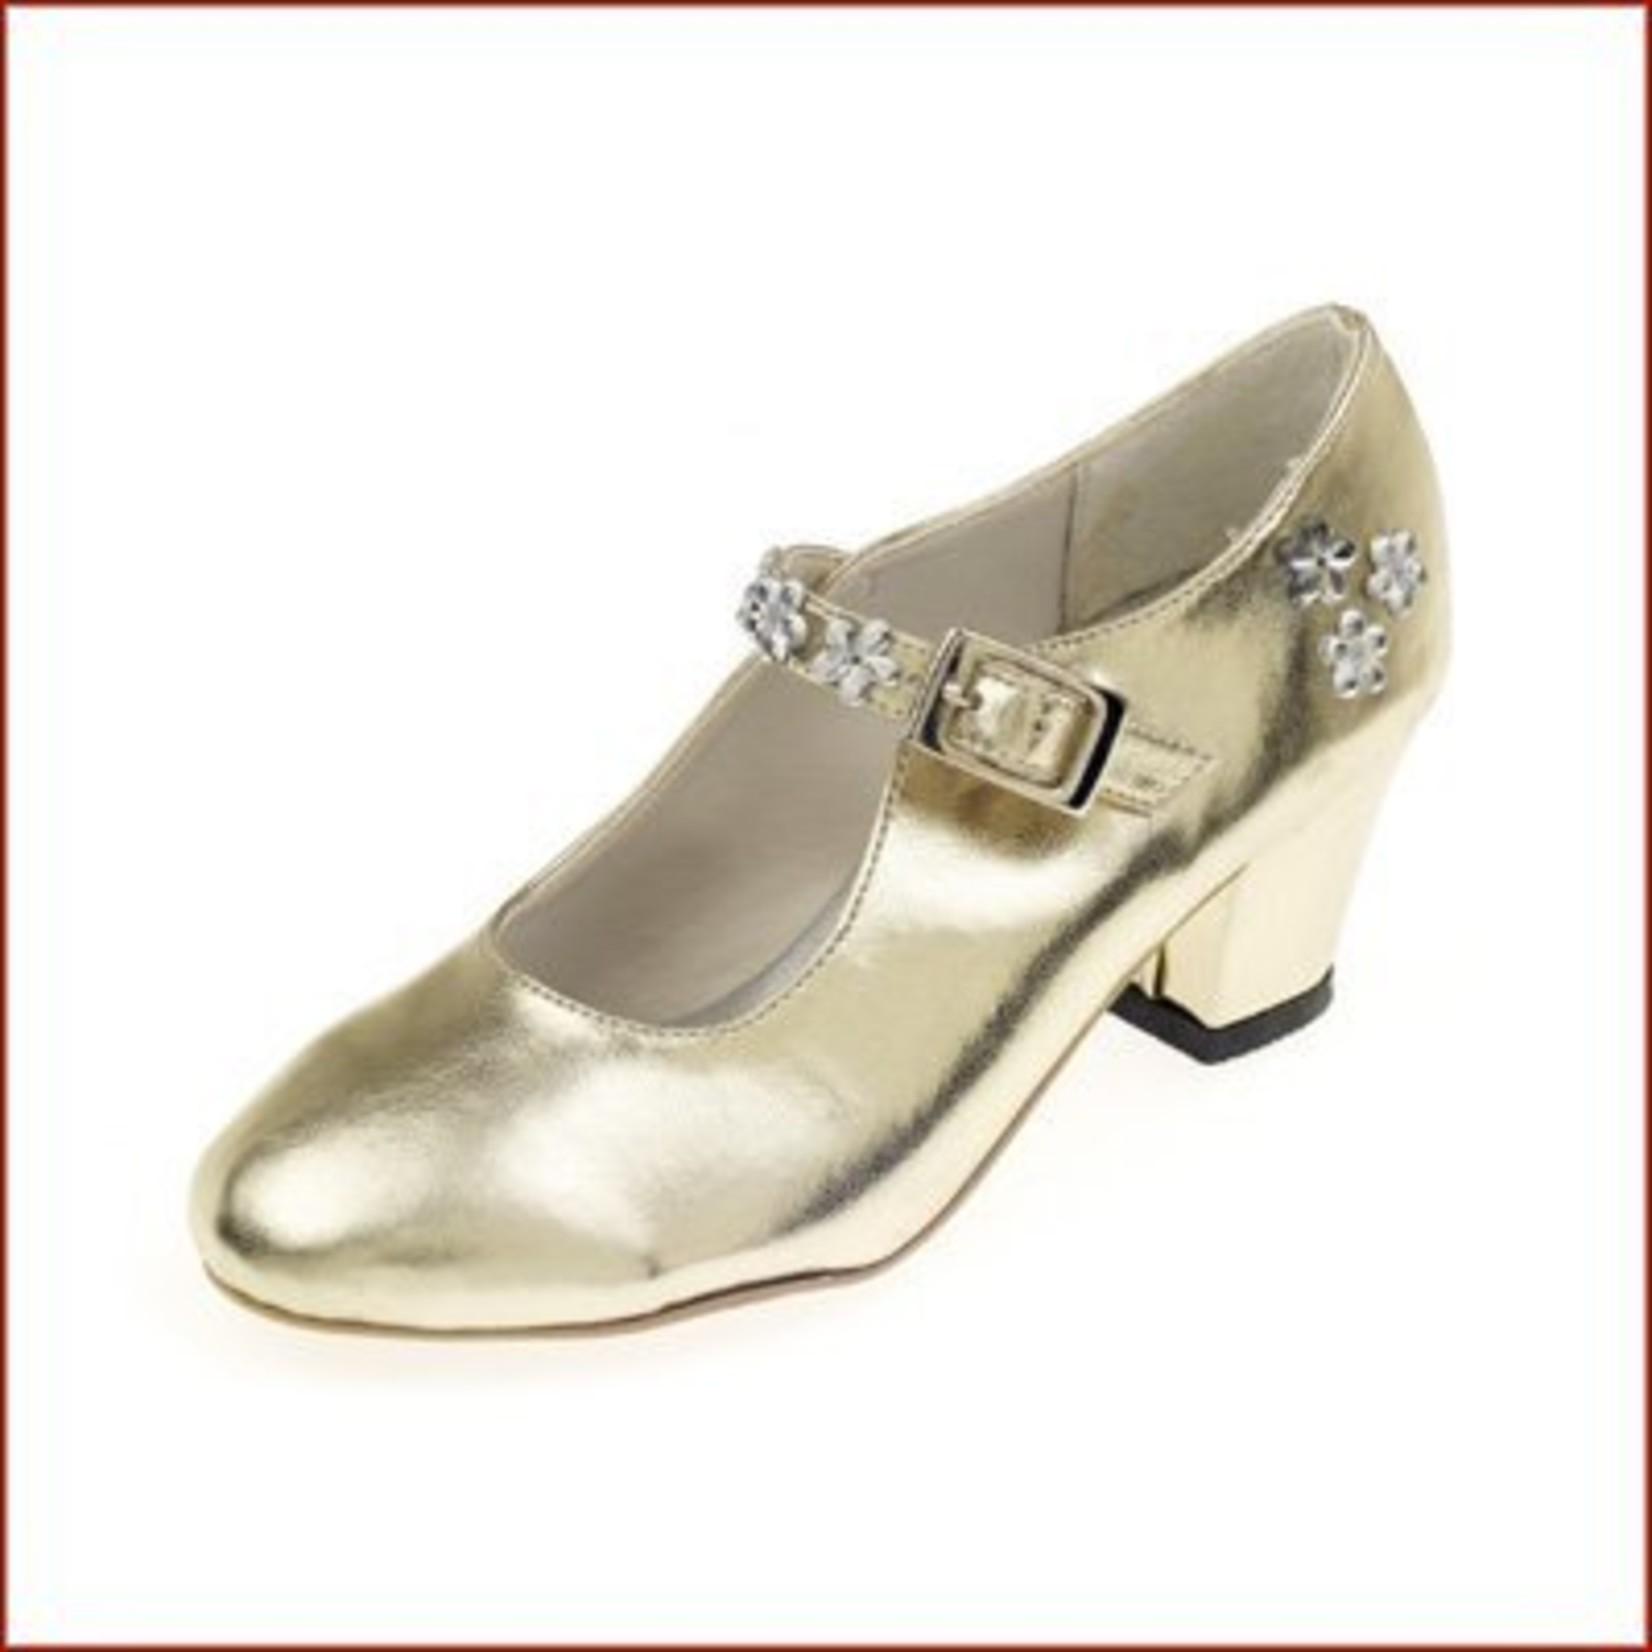 Souza for kids Gouden Schoen Sabine